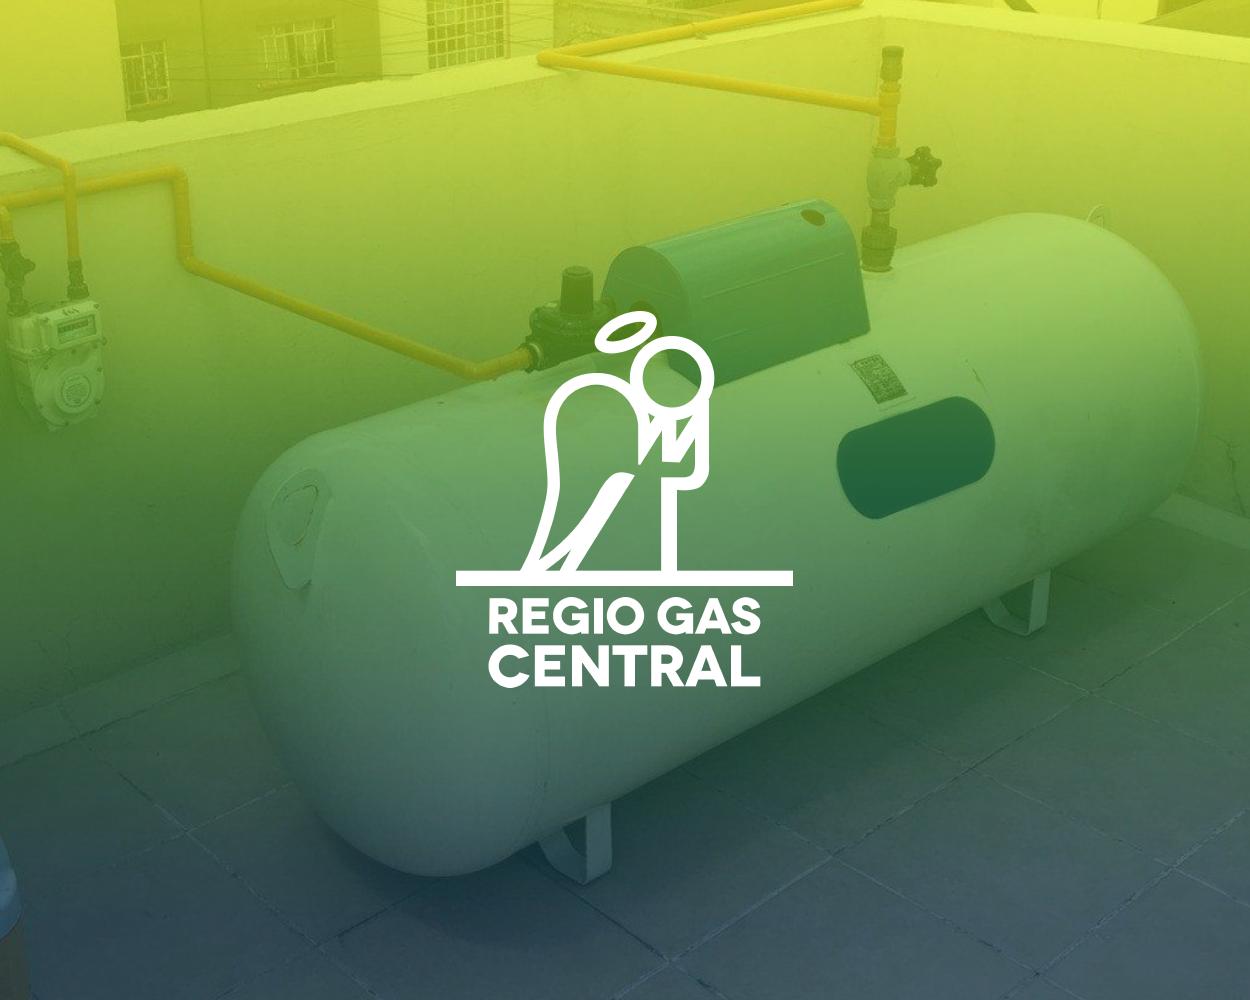 Regio Gas: Cosas que debes saber si tienes tanque de gas estacionario